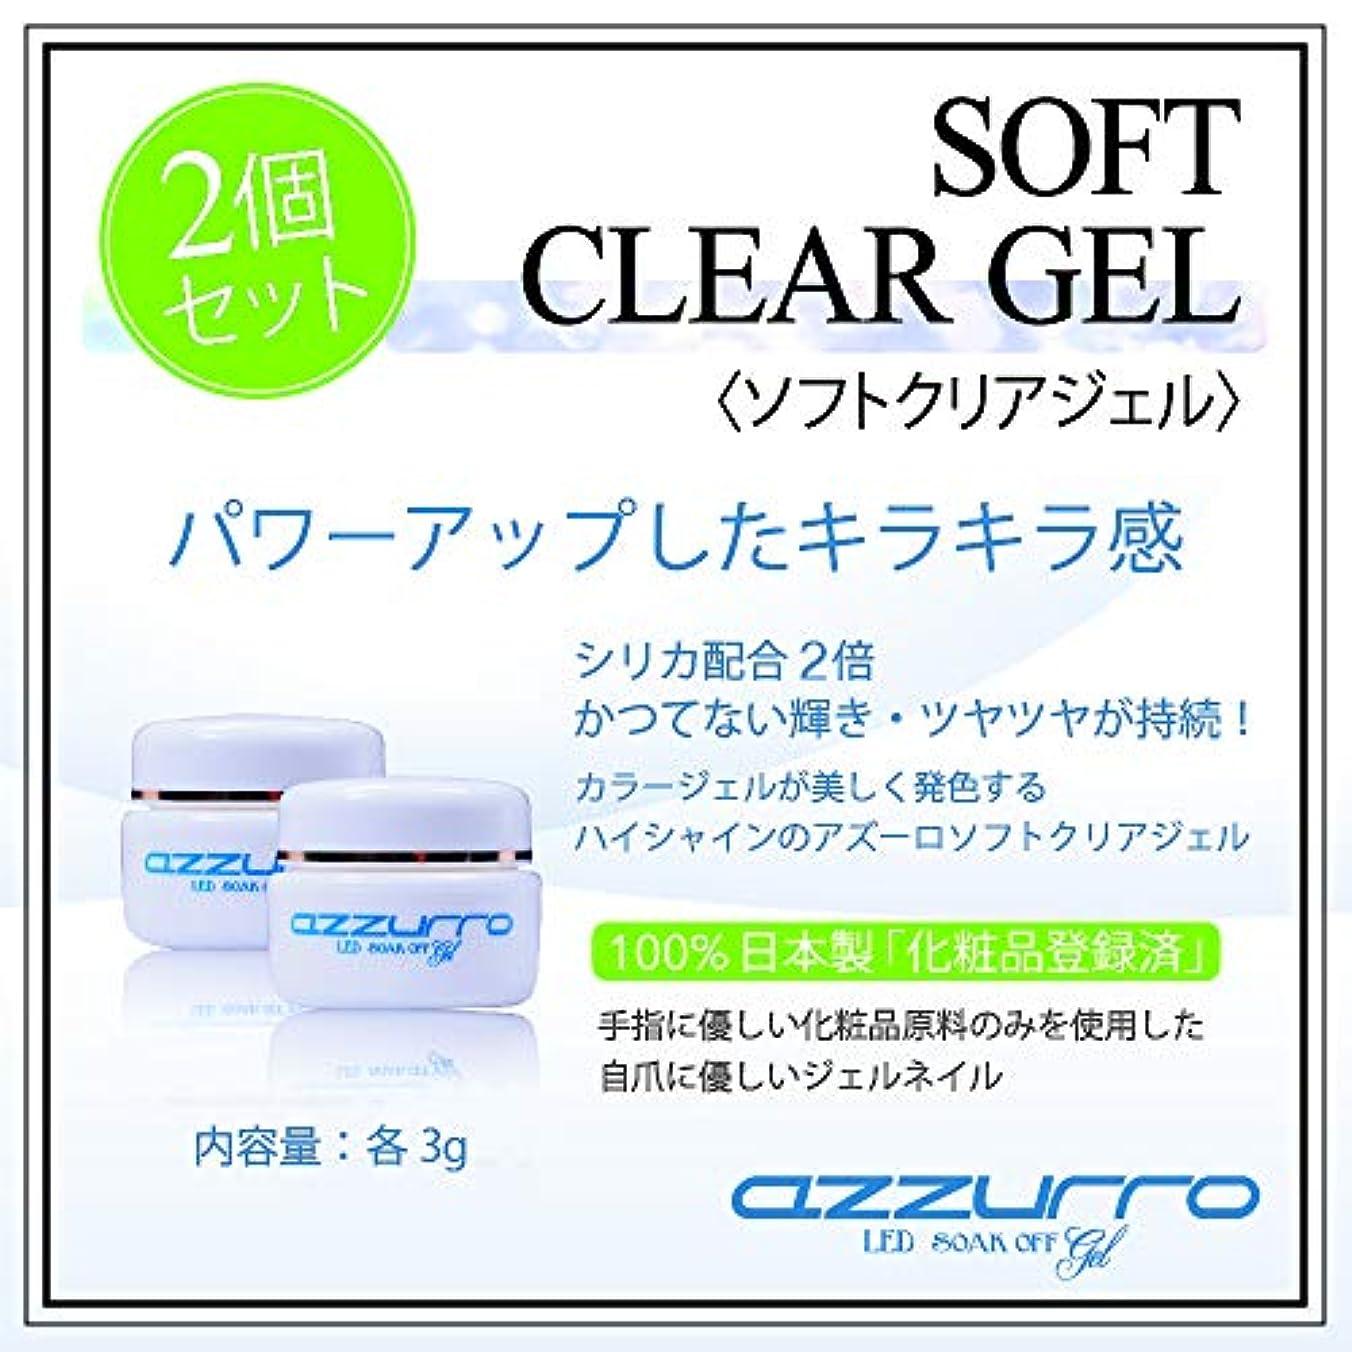 関与する大破支店azzurro gel アッズーロ ソフトクリアージェル お得な2個セット ツヤツヤ キラキラ感持続 抜群のツヤ 爪に優しい日本製 3g